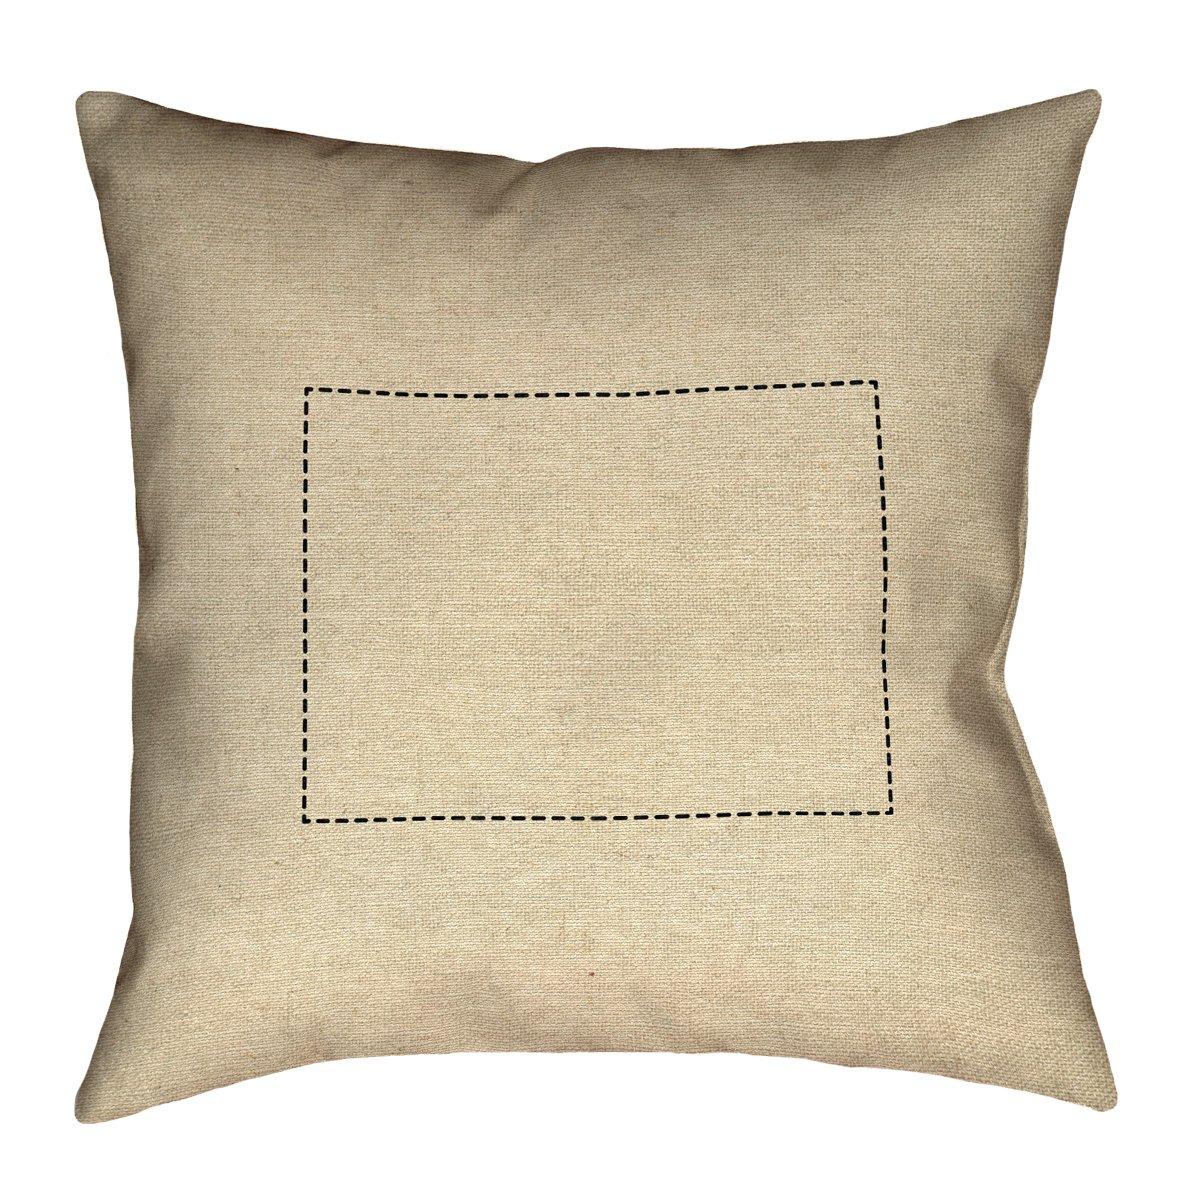 ArtVerse Katelyn Smith 20 x 20 Indoor//Outdoor UV Properties-Waterproof and Mildew Proof Colorado Outline Pillow